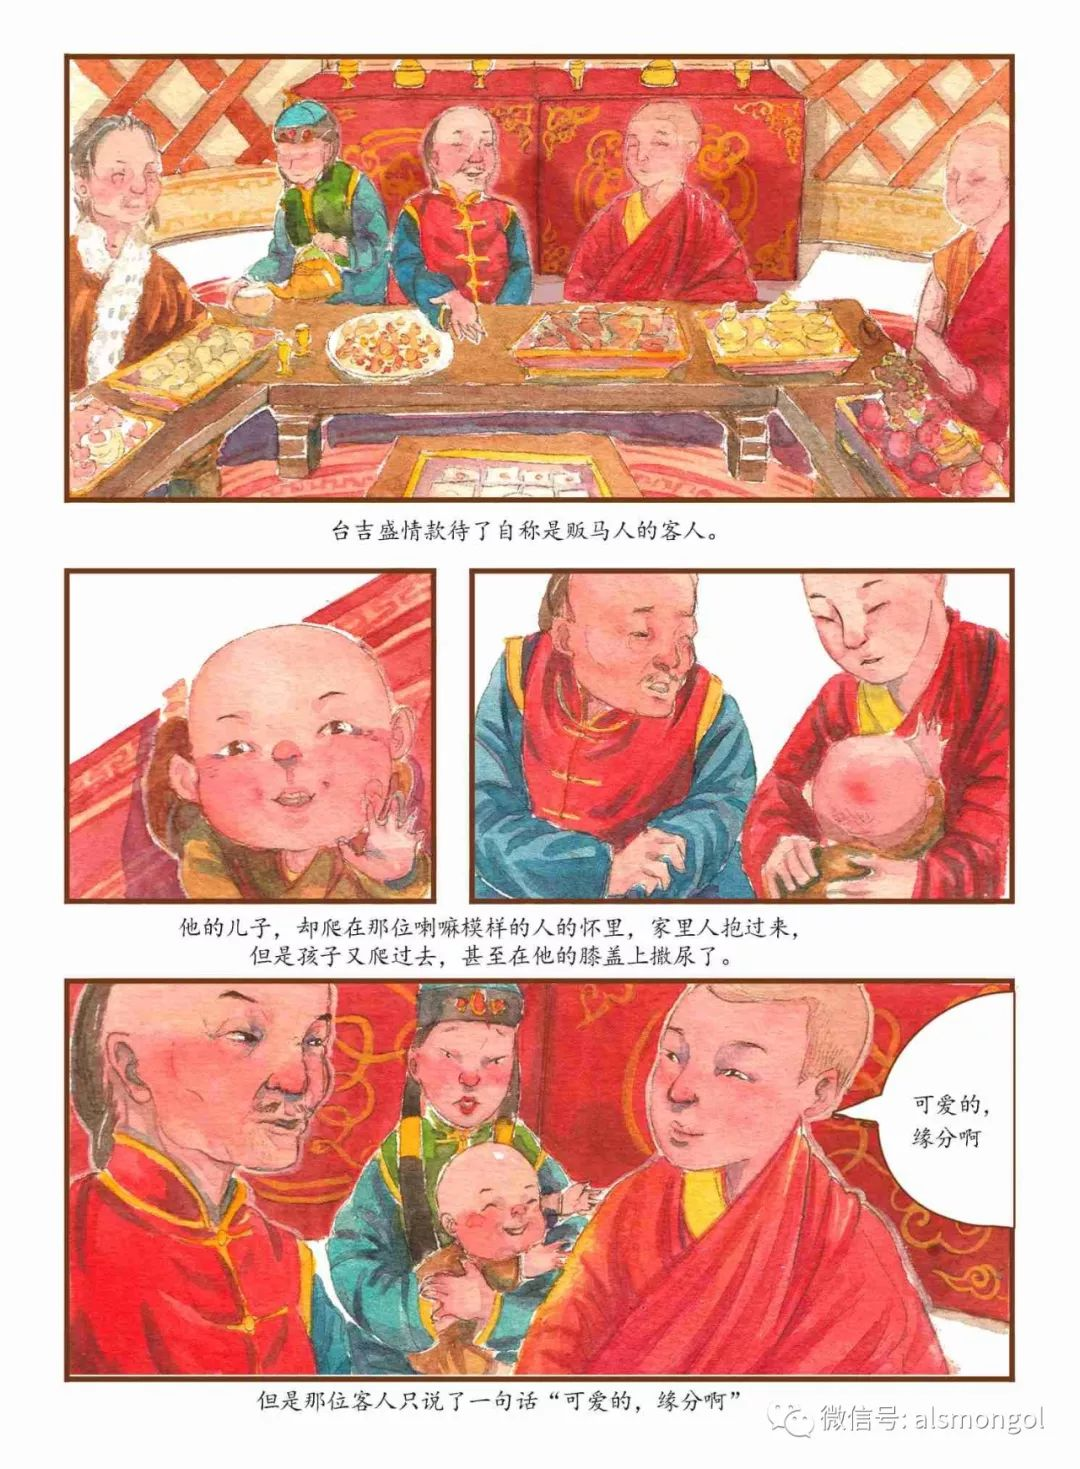 【智慧蒙古】人美画更美,年轻画家海乐和她的绘画作品! 第56张 【智慧蒙古】人美画更美,年轻画家海乐和她的绘画作品! 蒙古画廊